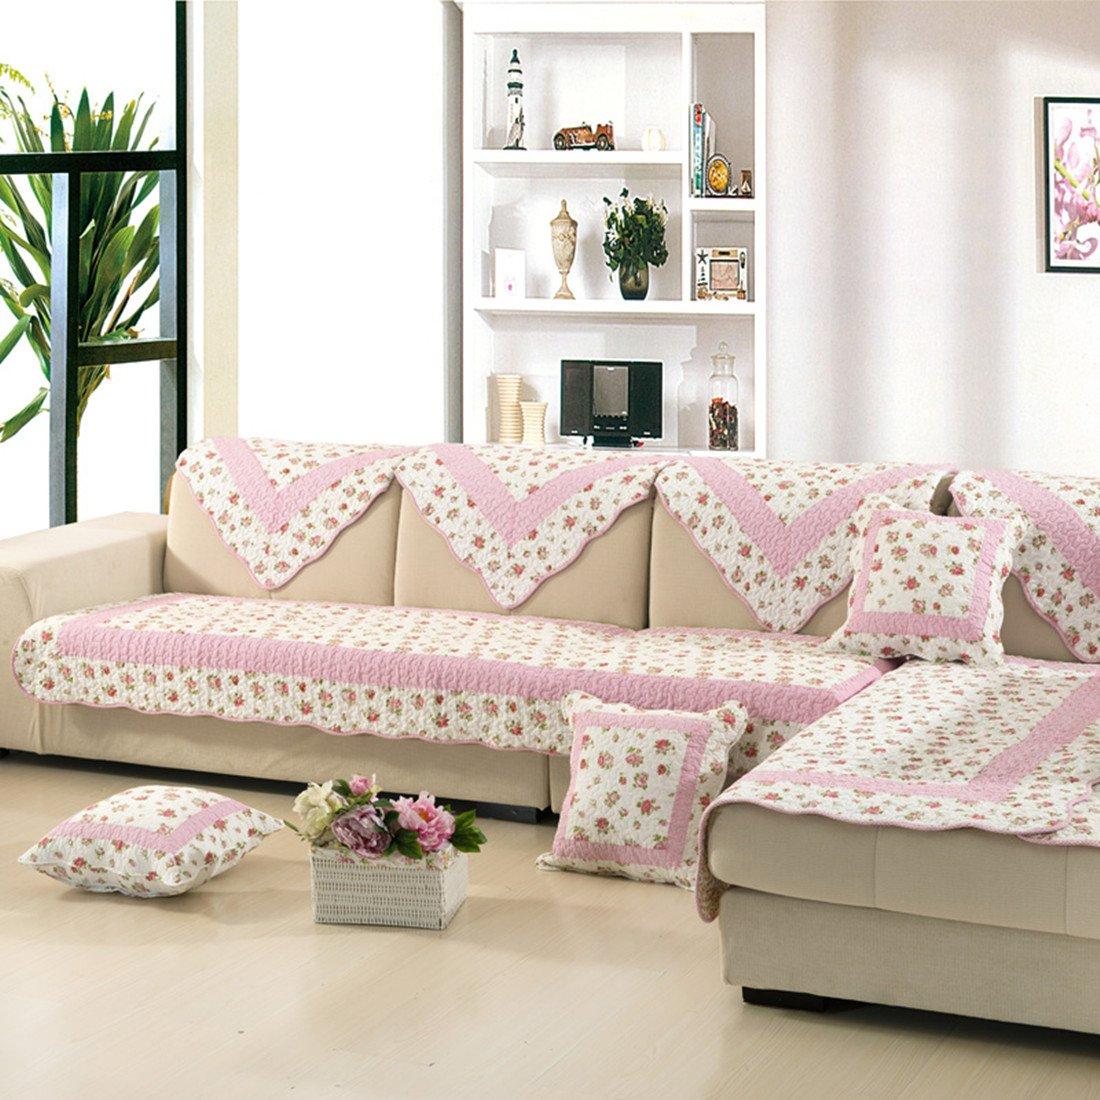 布艺装饰  沙发垫,沙发罩   目前无货, 欢迎选购其他类似产品.